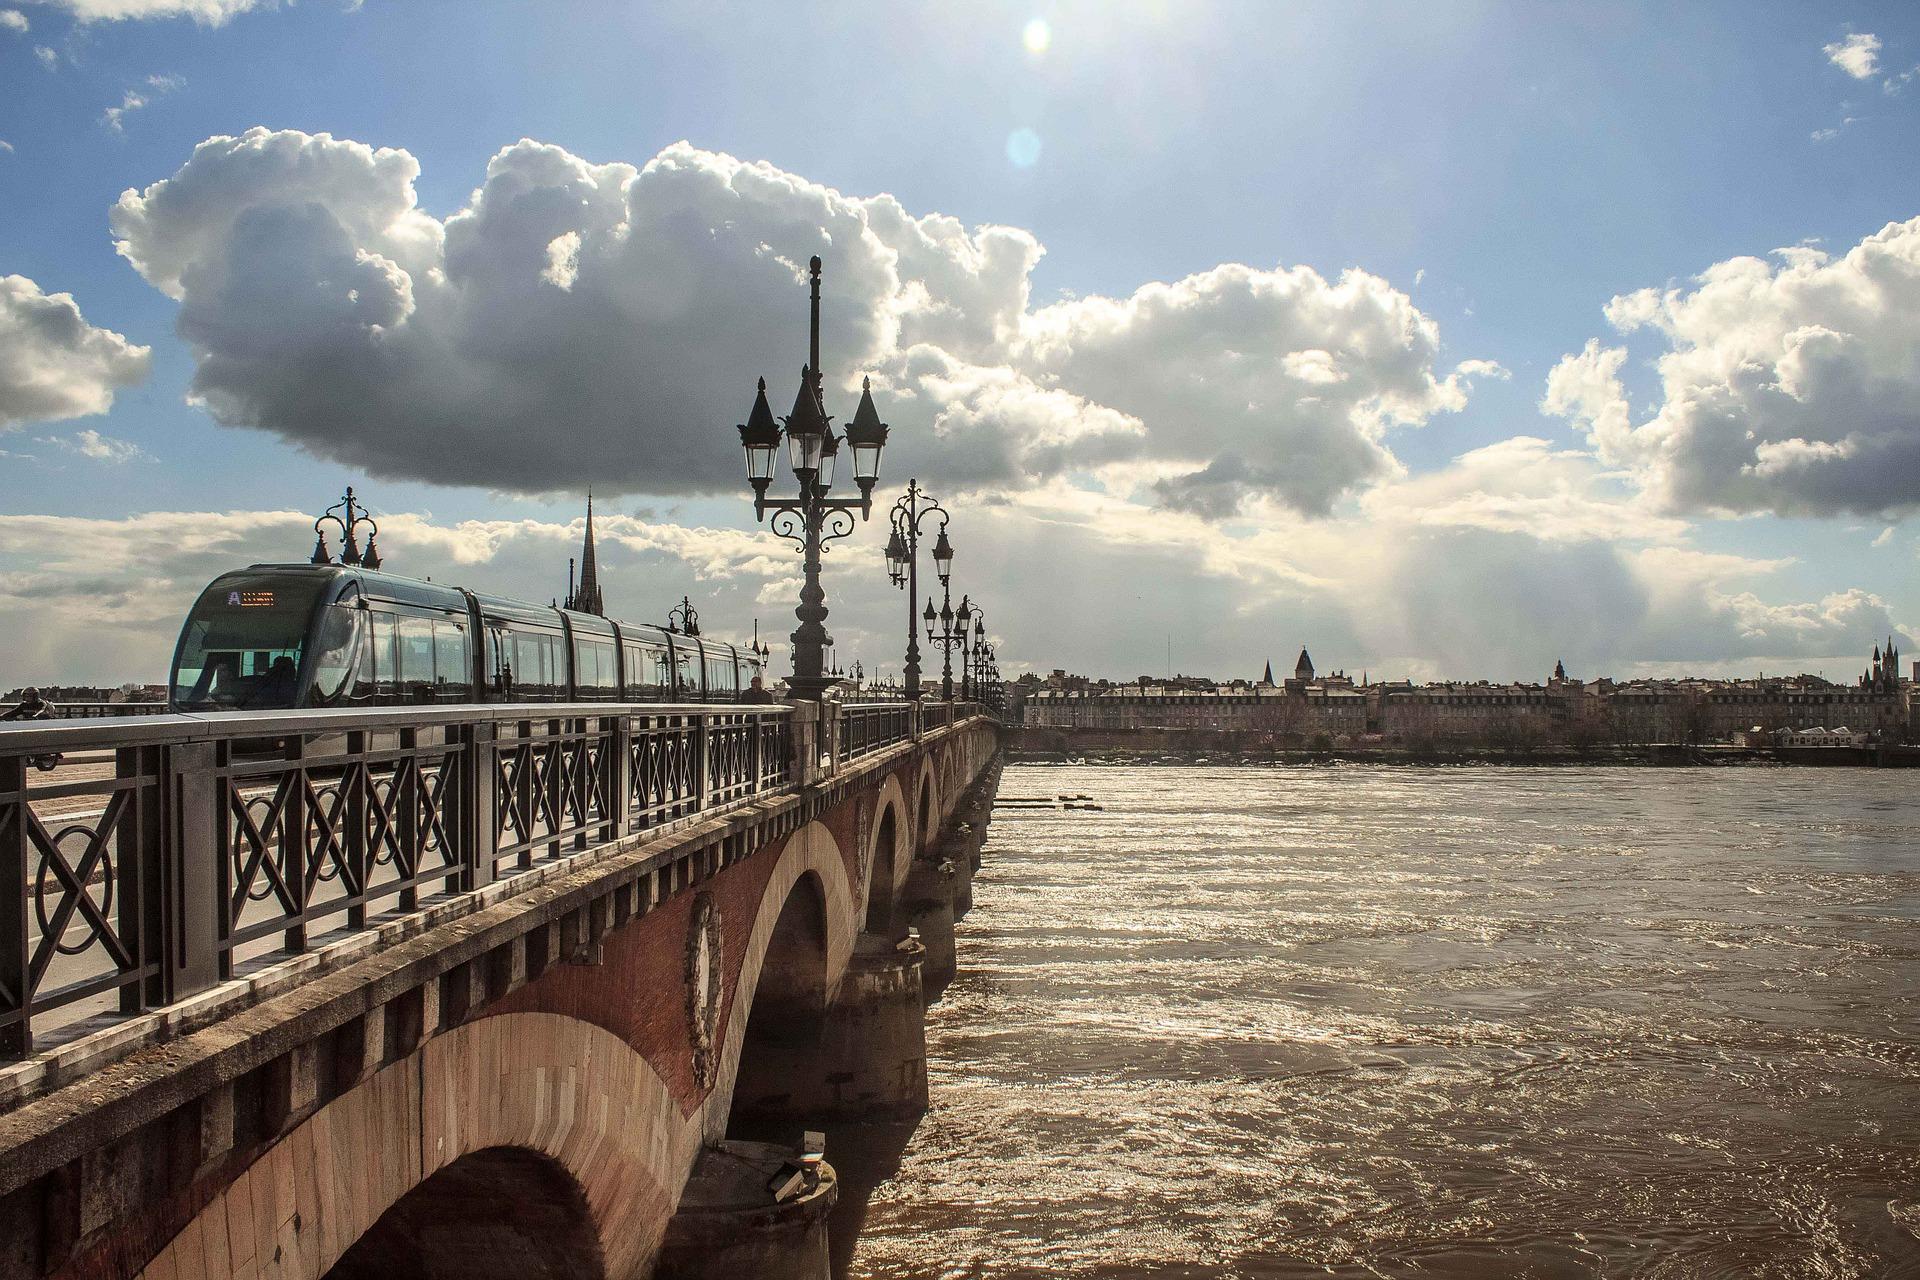 Bordeaux_pont_CC0.jpg?1543405006